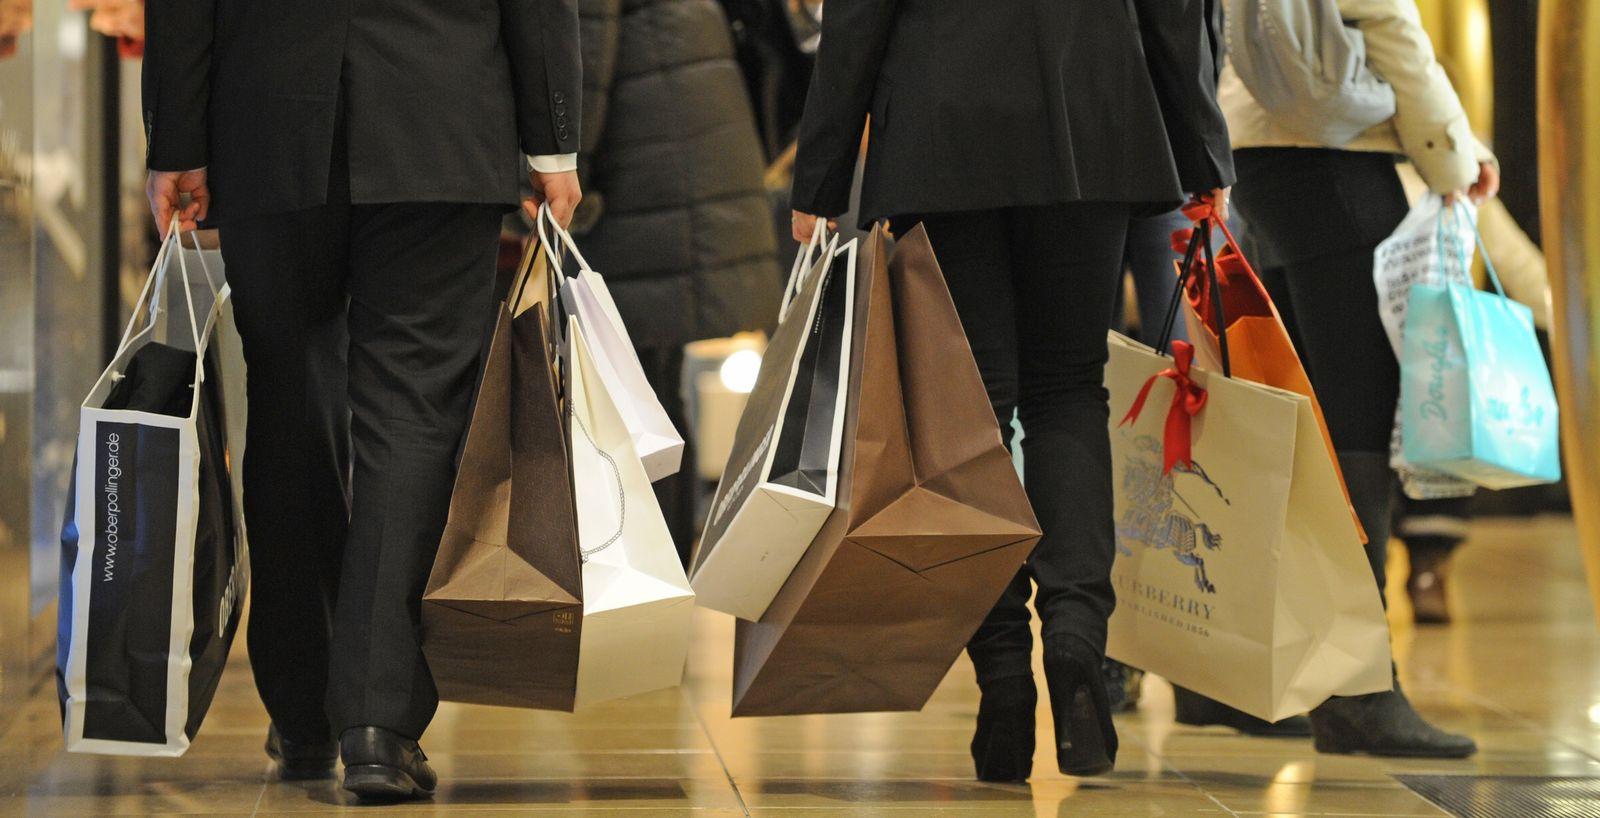 Konsumklimaindex/ Einkaufstüten